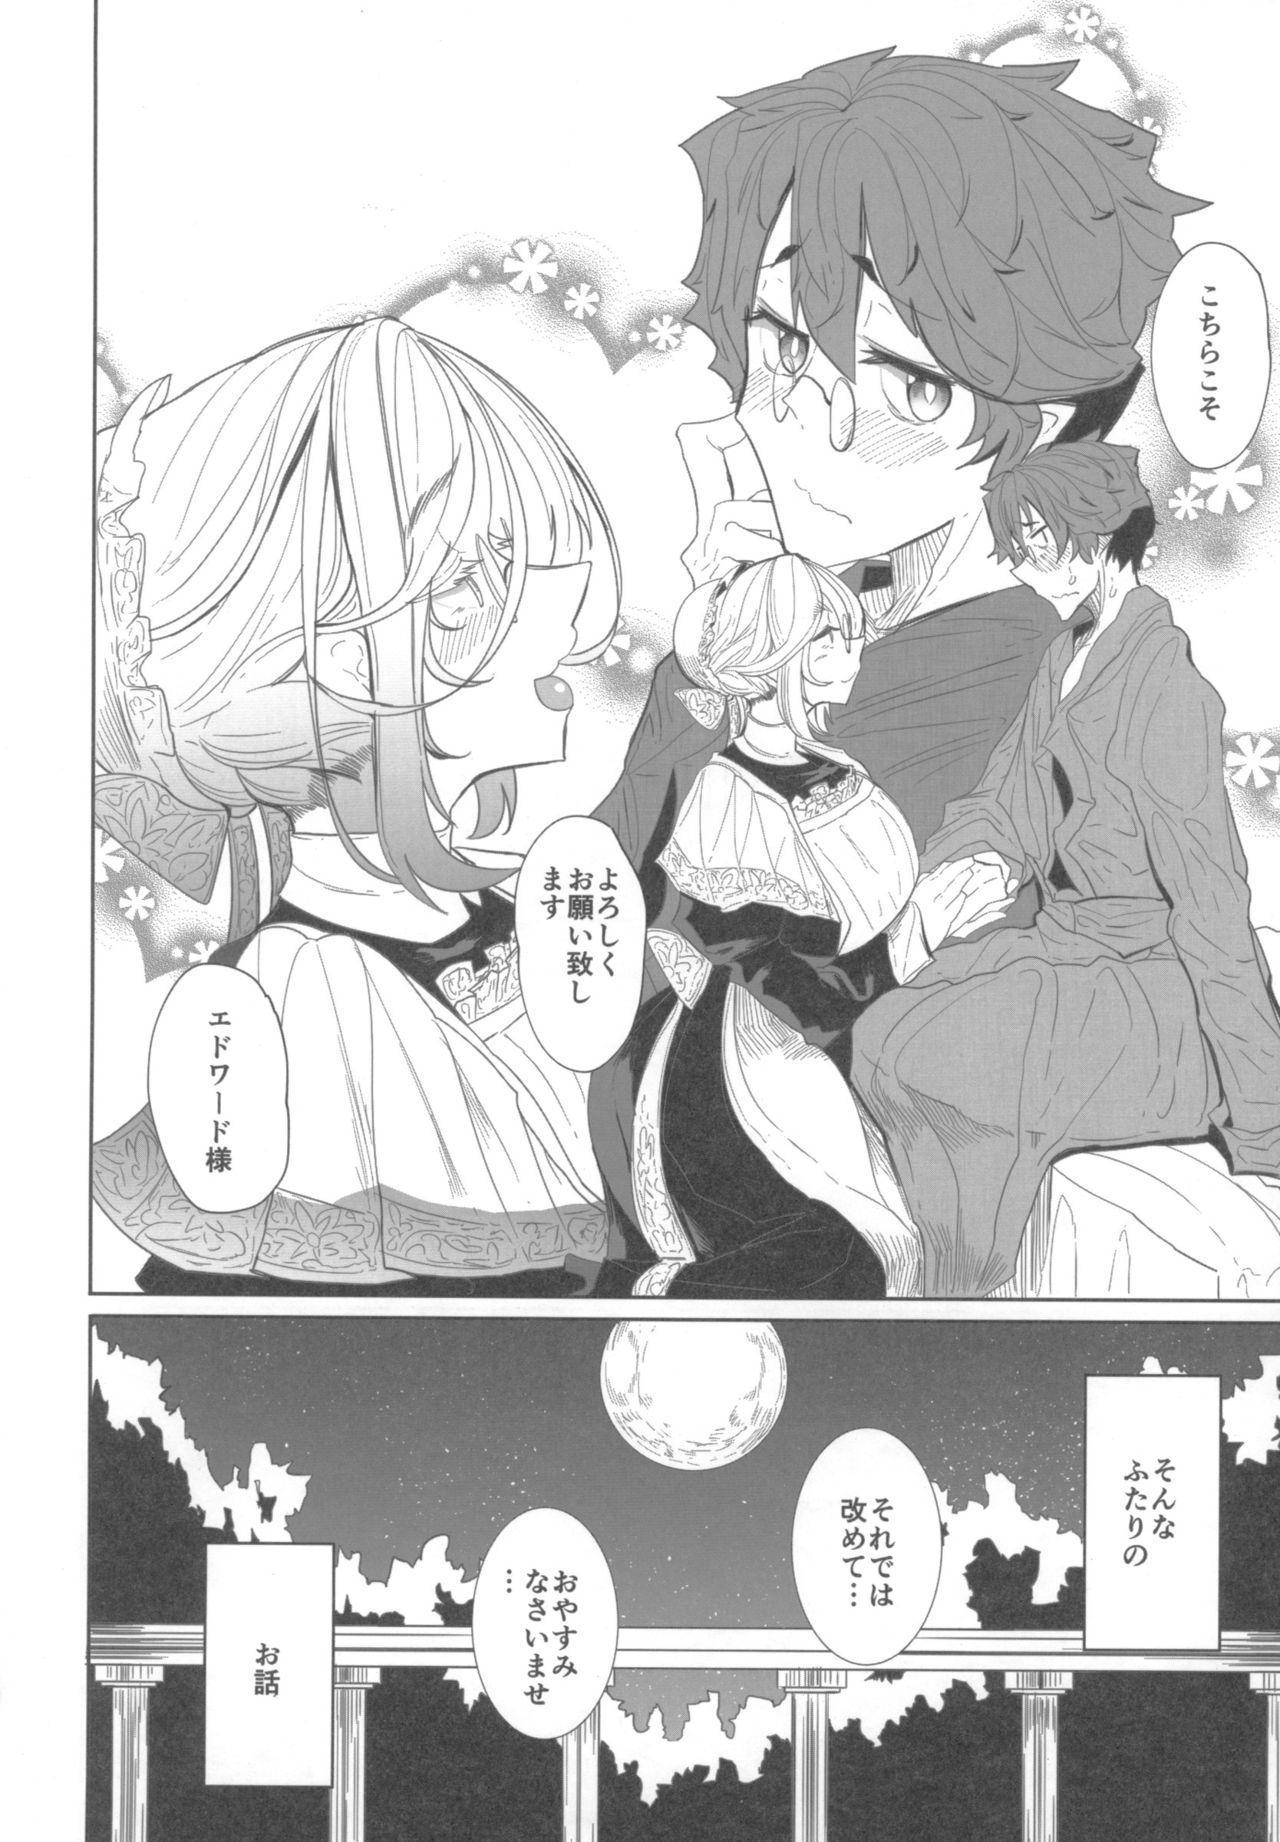 Shinshi Tsuki Maid no Sophie-san 1 56